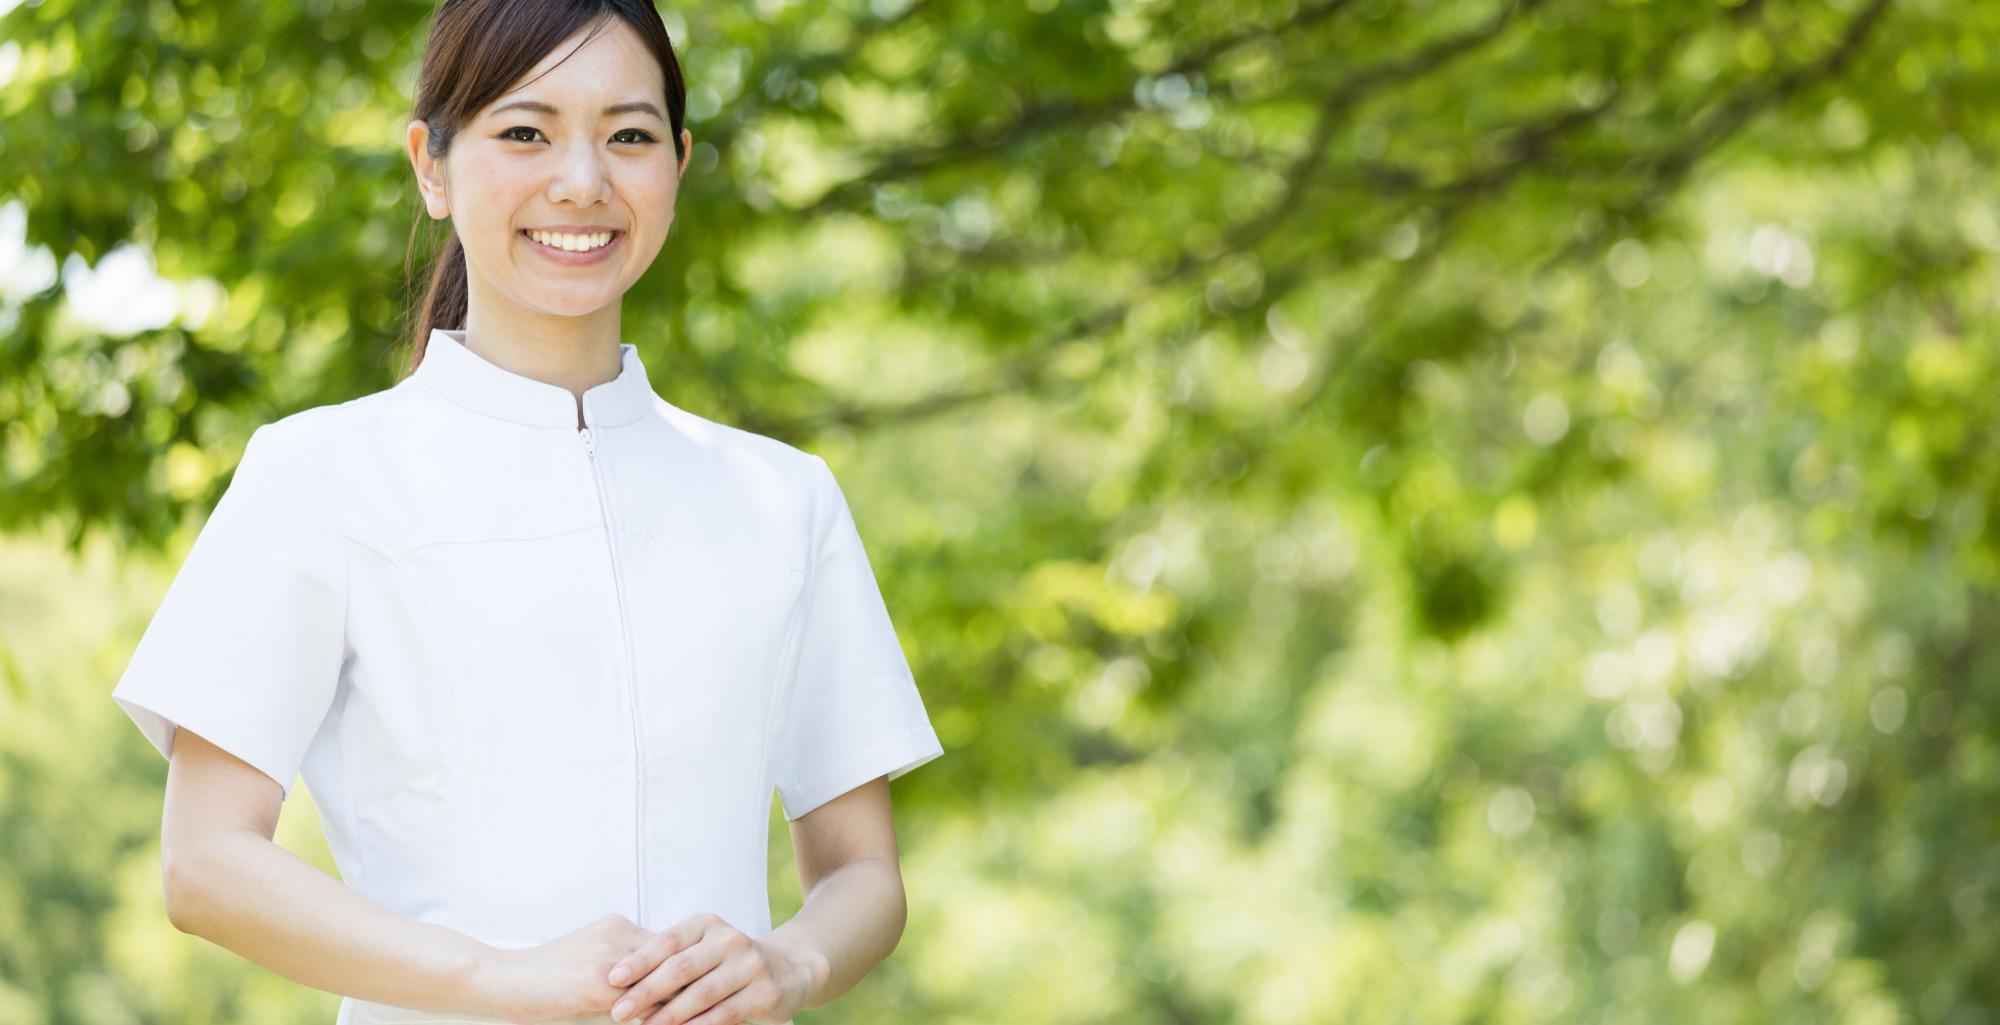 木下病院の求人案内について 整形外科 内科 眼科 皮膚科 外科 リハビリテーション科